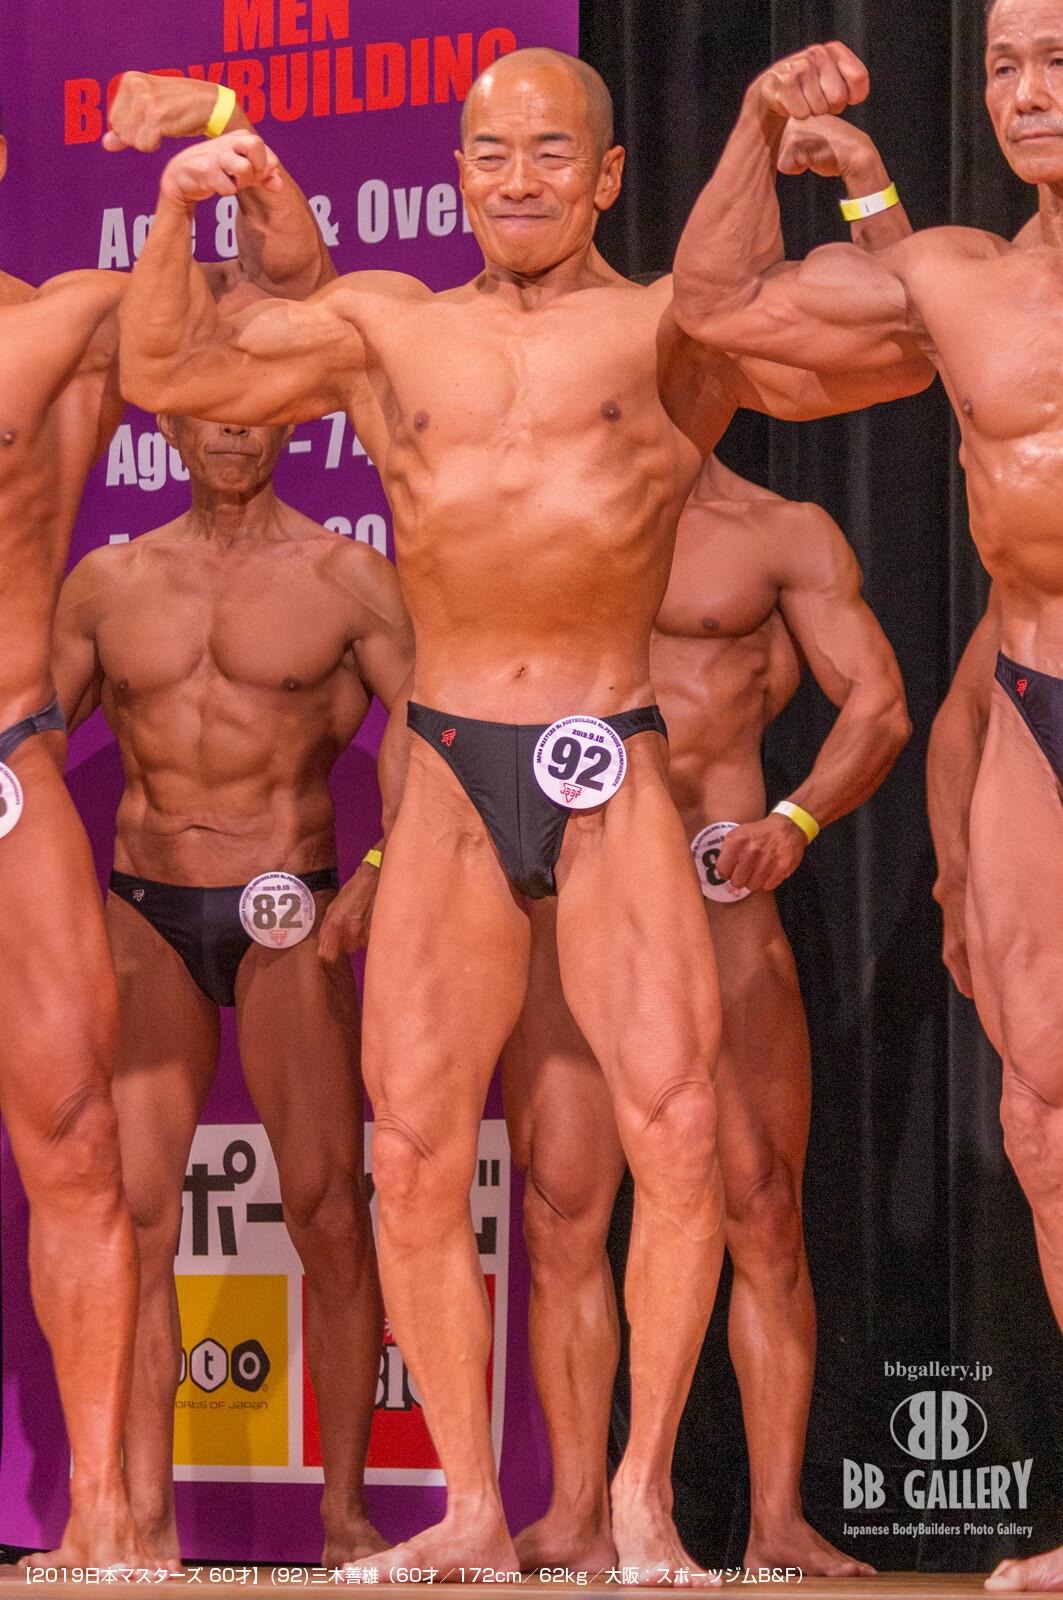 【2019日本マスターズ 60才】(92)三木善雄(60才/172cm/62kg/大阪:スポーツジムB&F)